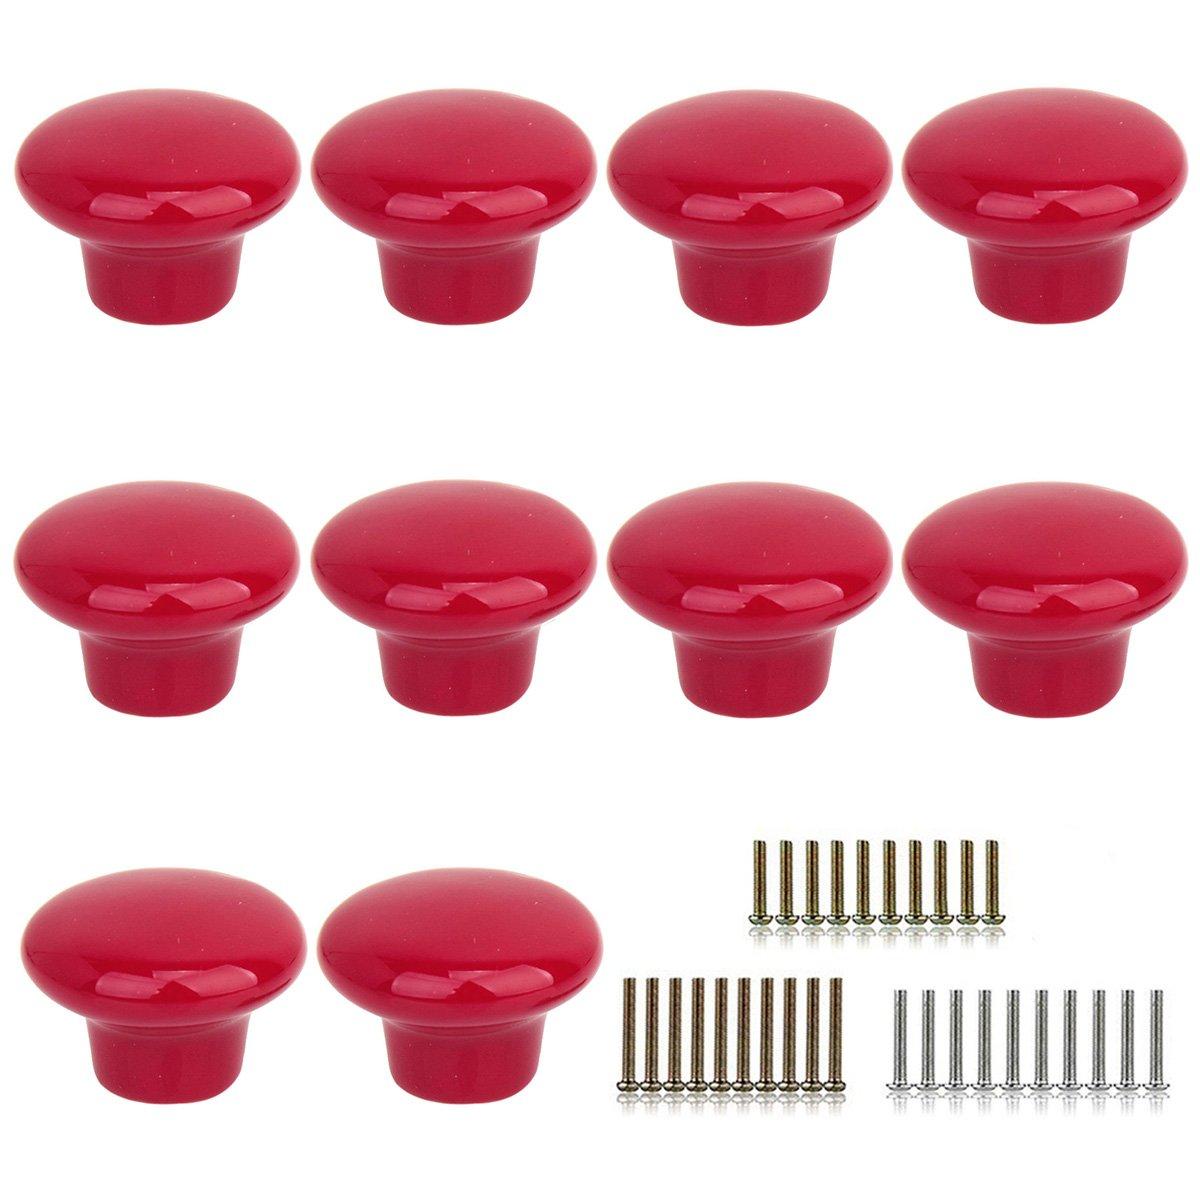 Monoshop 10pcs Vintage Ceramic Door Knobs Round Shape Drawer Cupboard Locker Pulls Handles Wardrobe Drawer Cabinet Home Kitchen Hardware (Red)